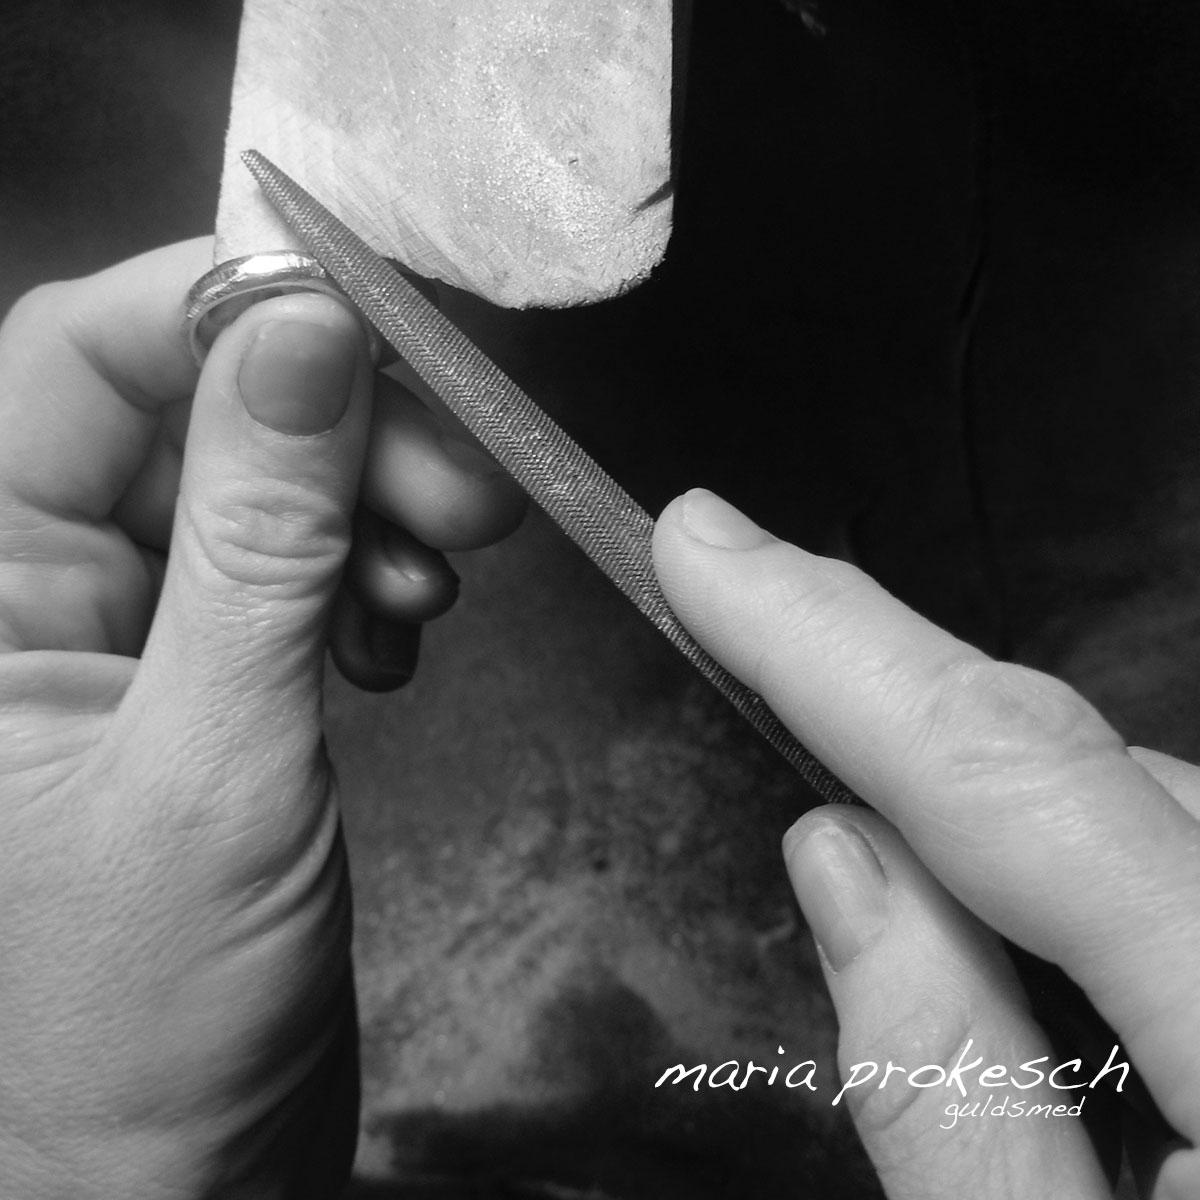 På guldsmedens værksted er der ægte håndværk. Alle smykker og vielsesringe bliver håndlavet. Her er det er par ringe som files groft rustikt, en populær overflade